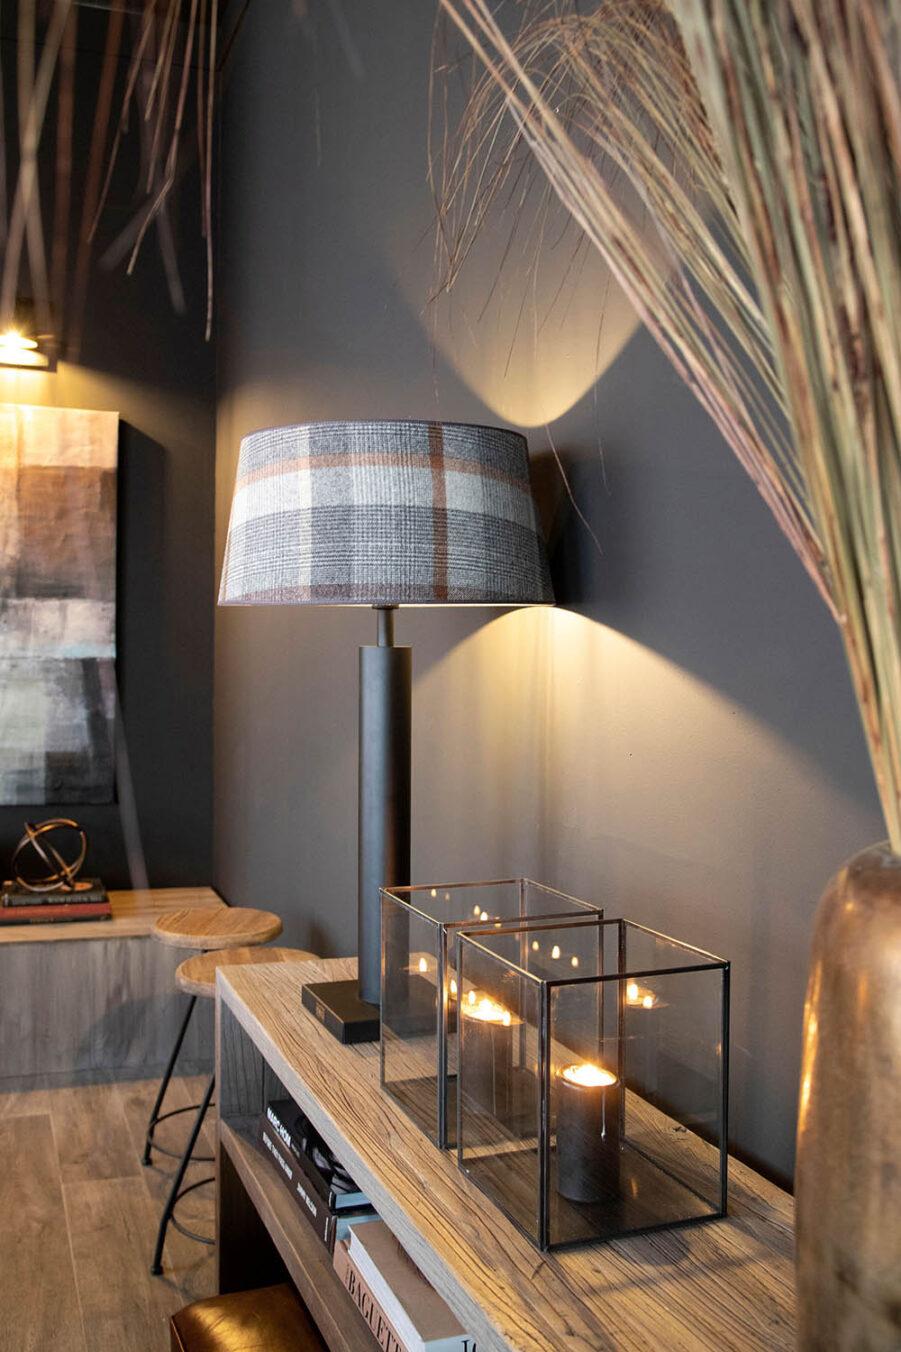 Miljöbild på Milan lampa med Malham lampskärm.